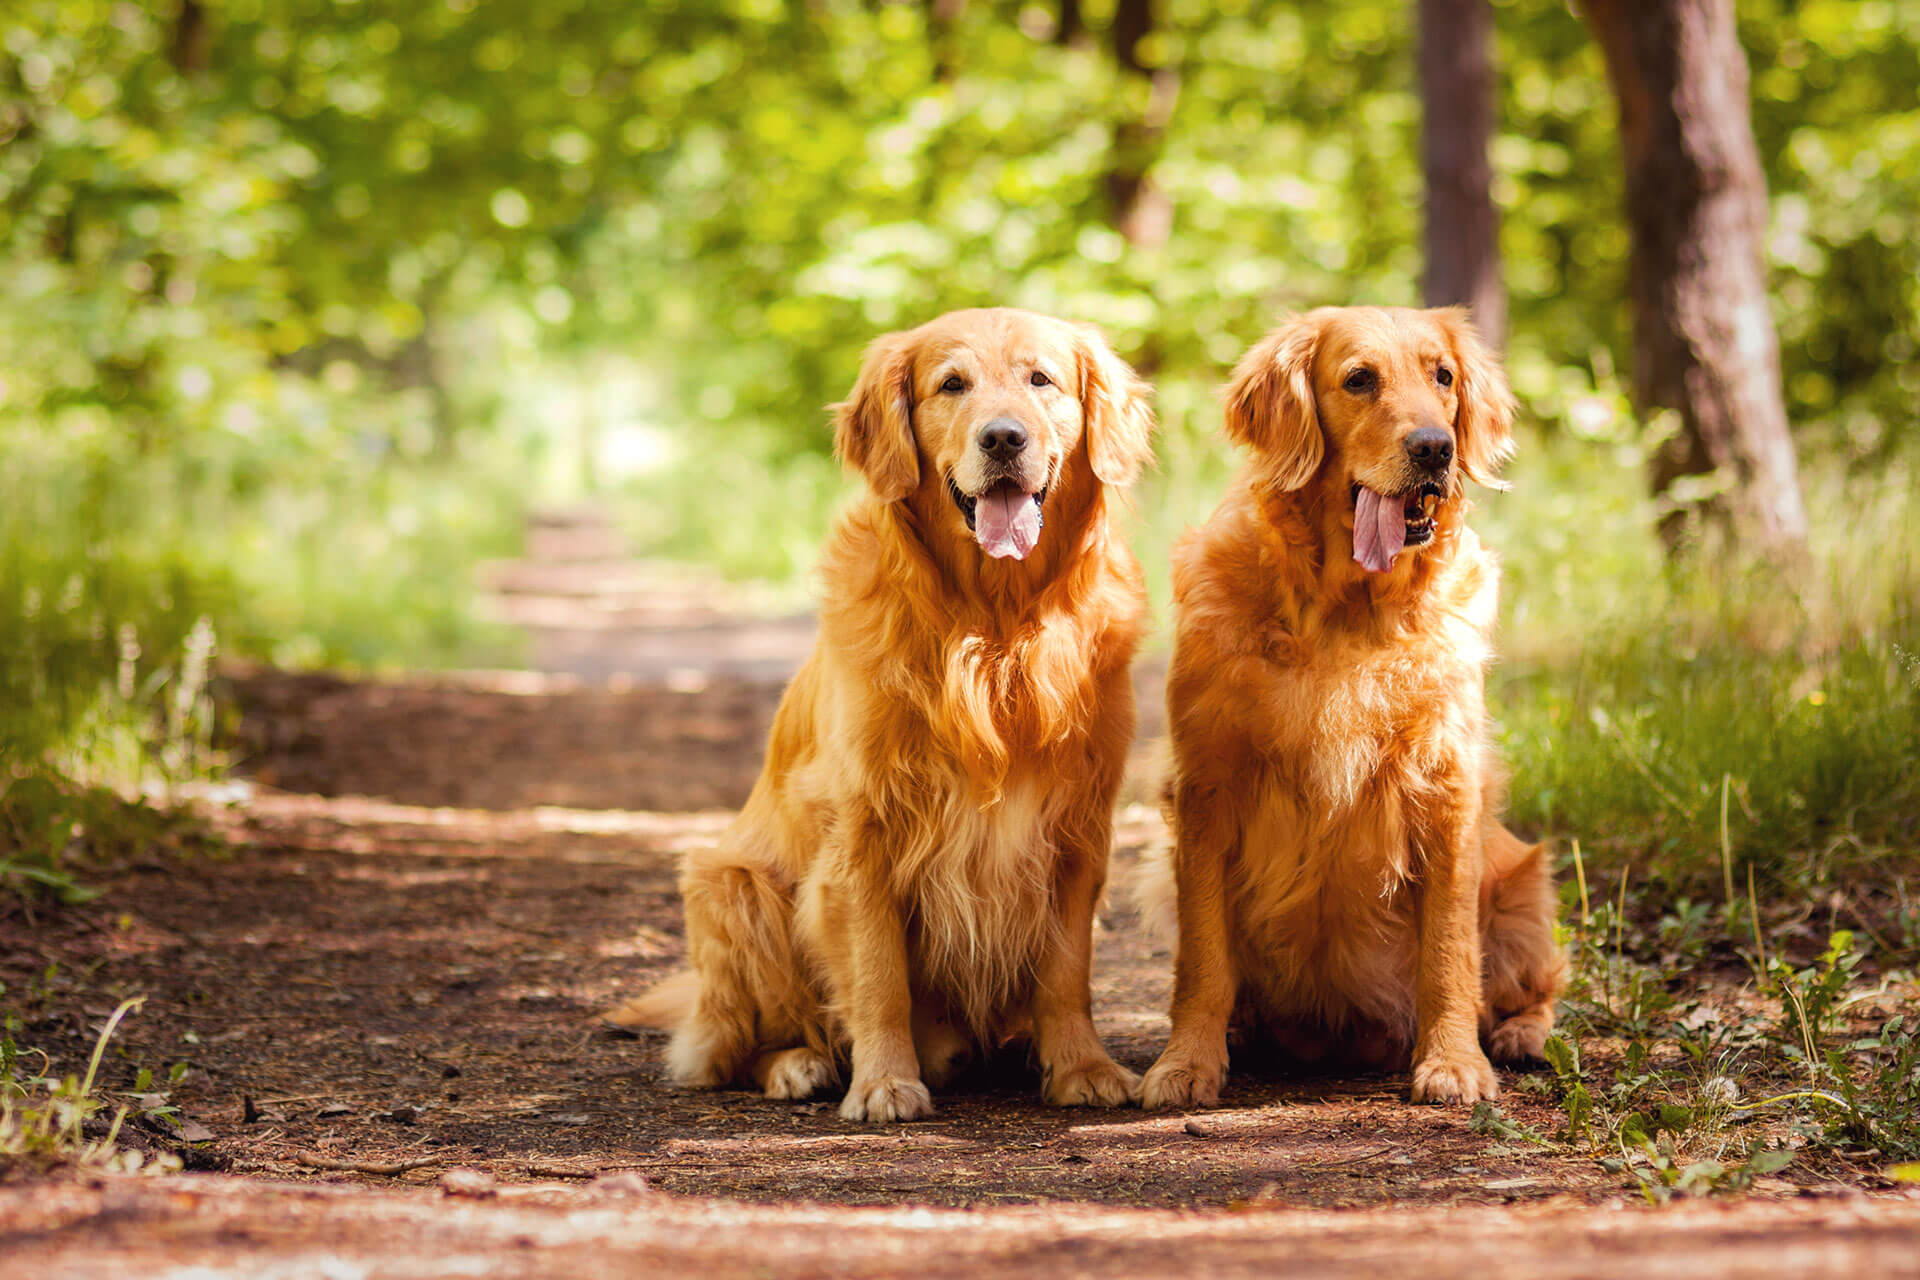 Kommunikation Hund - wie kommunizieren Hunde untereinander